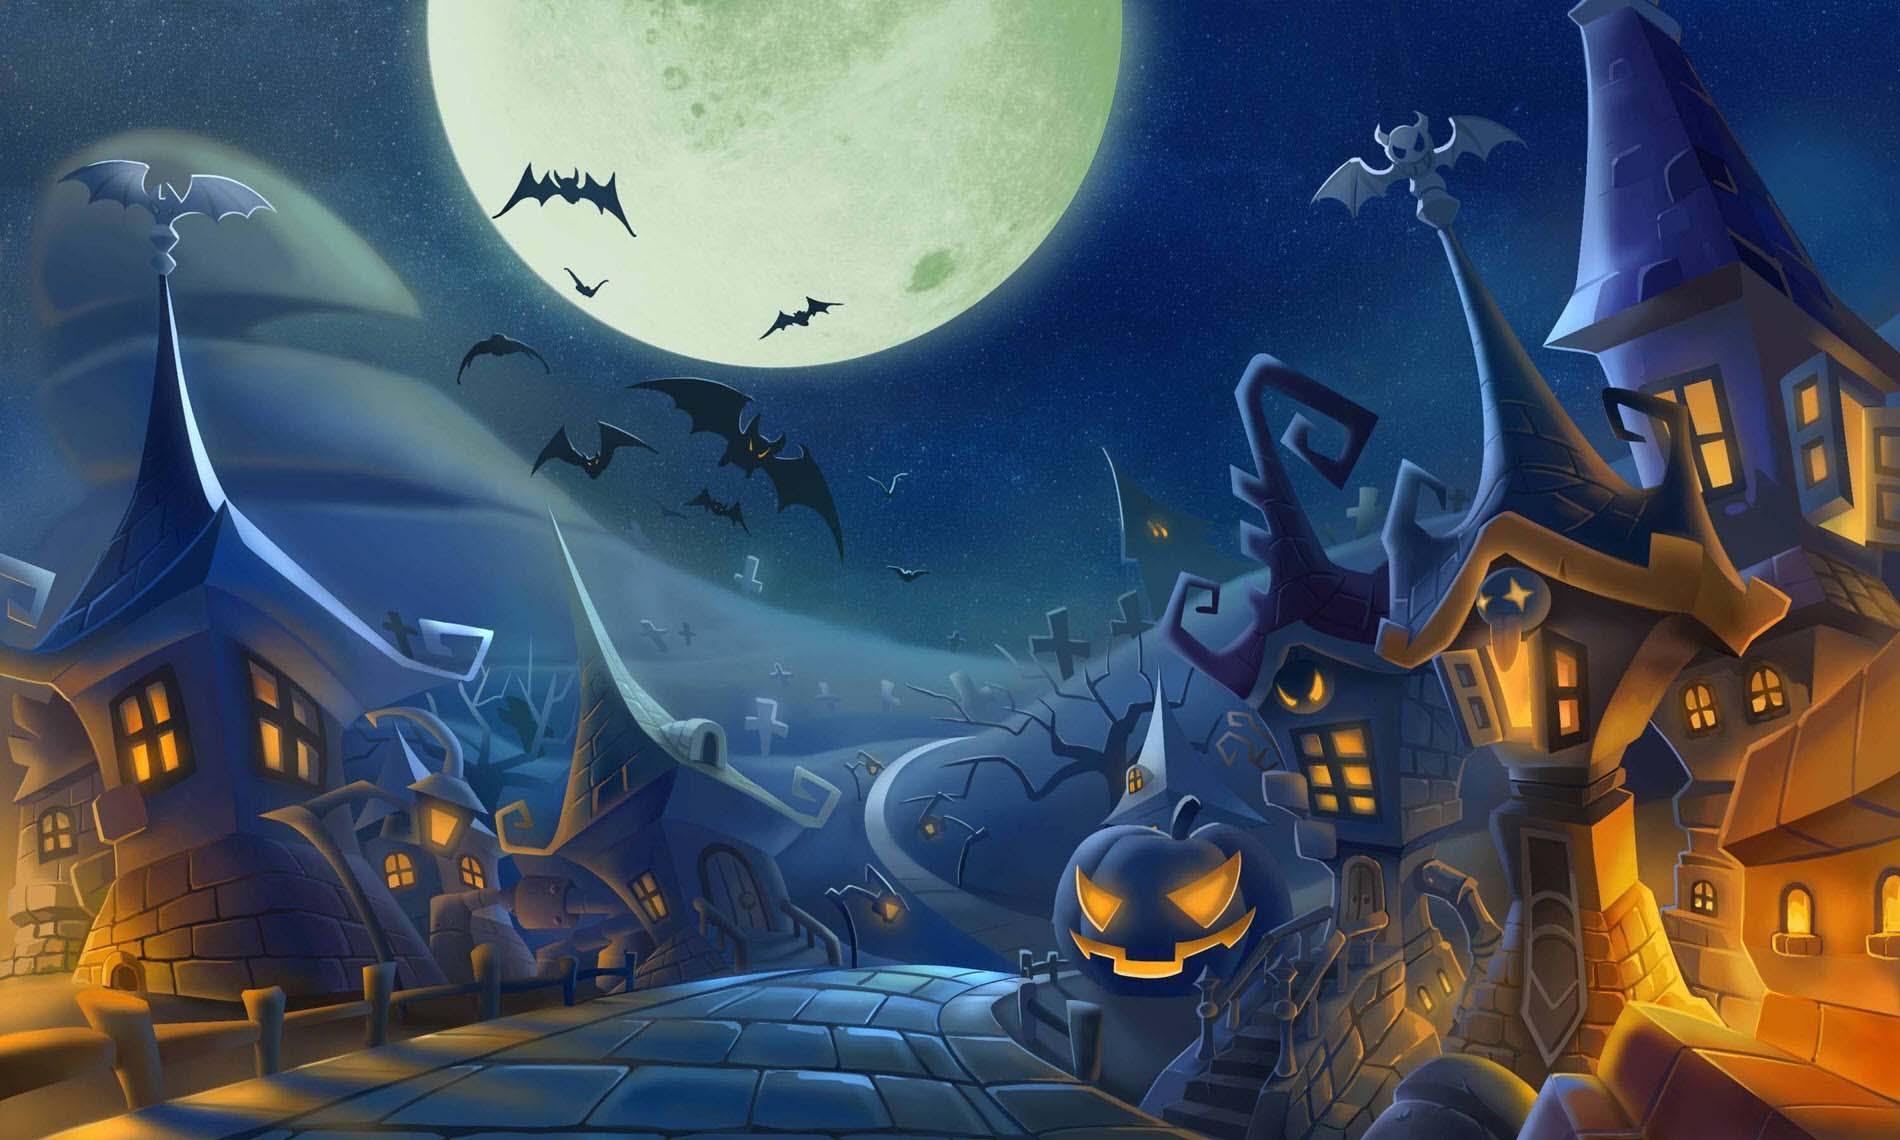 Ảnh nền Halloween đẹp và độc